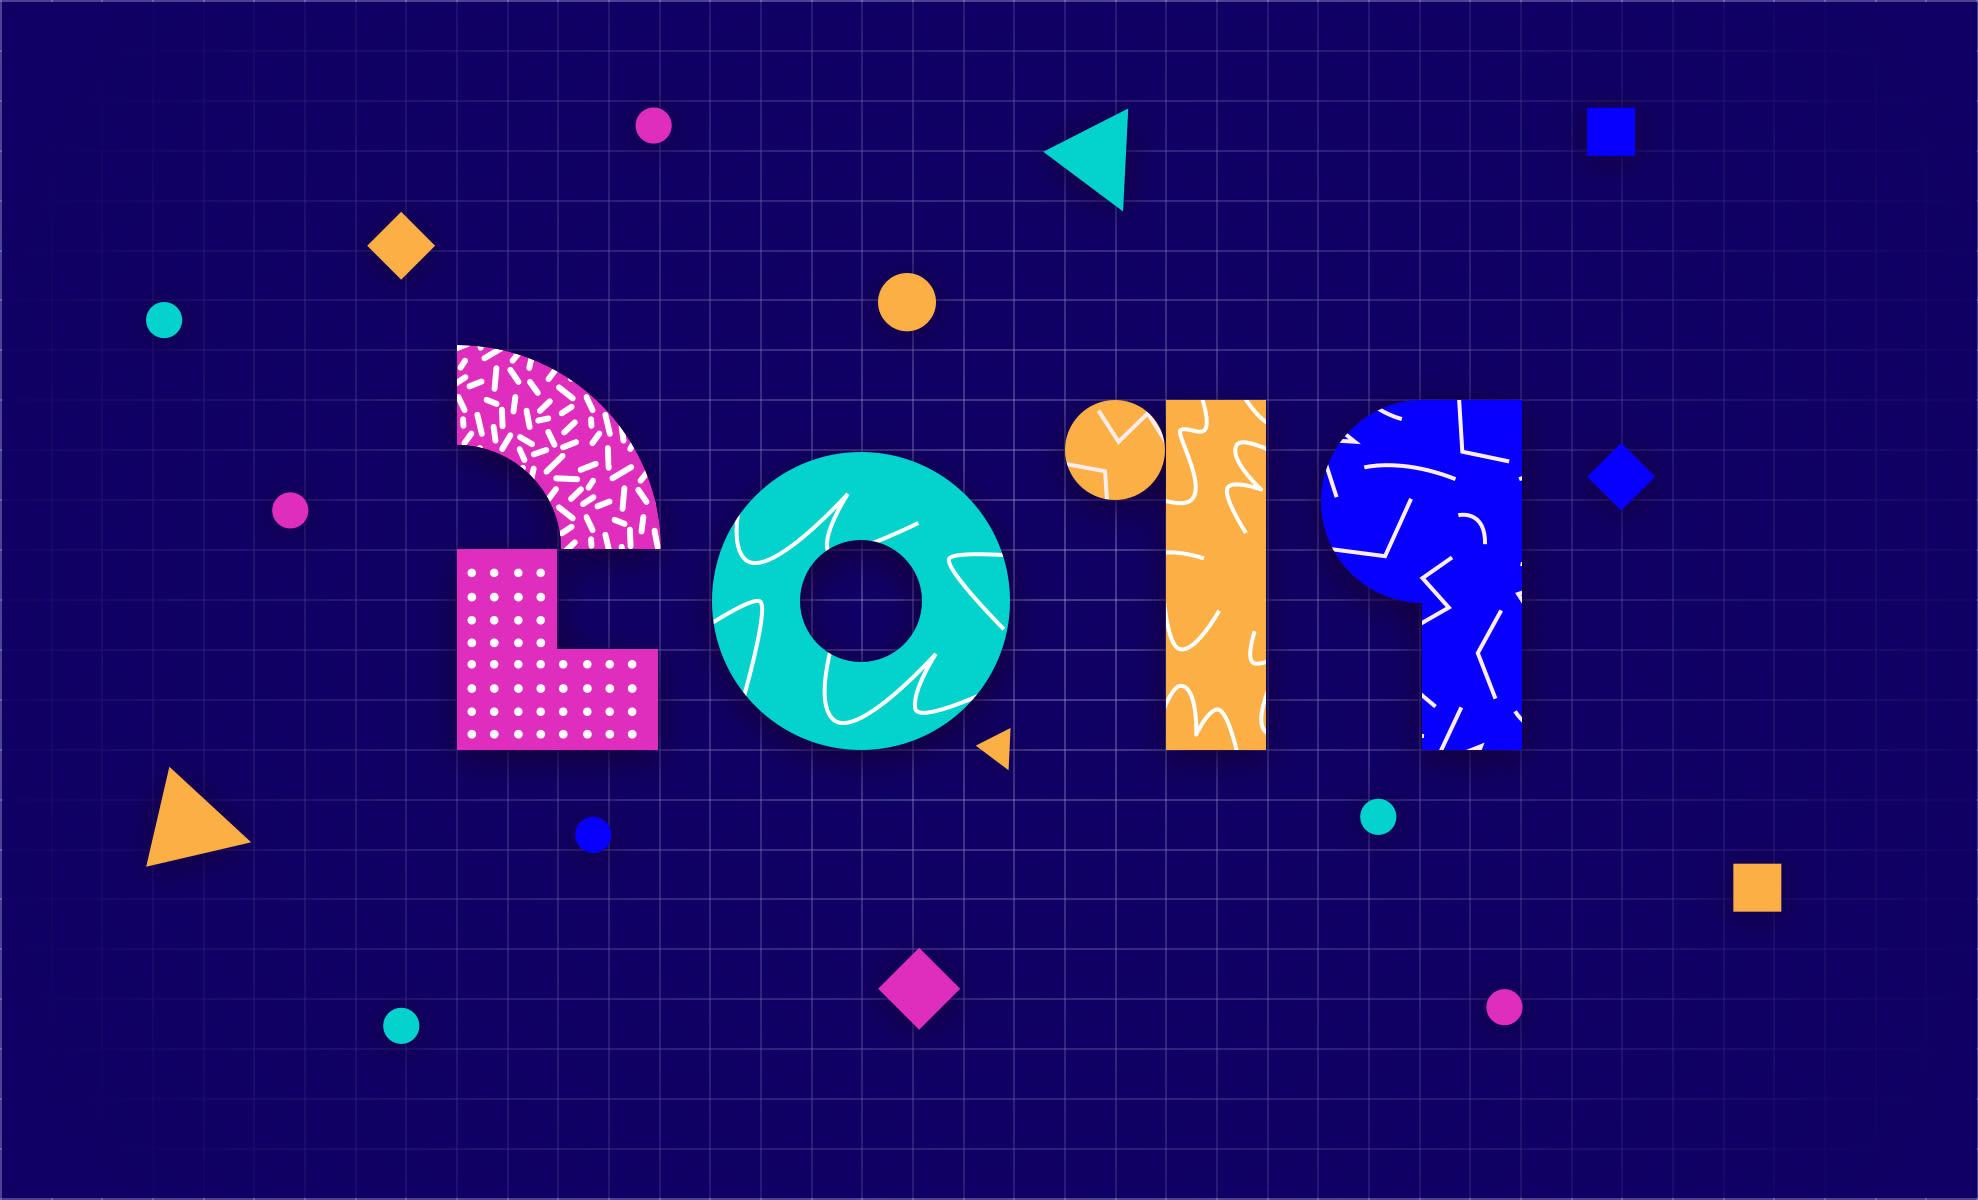 2019 recap & 2020 outlook